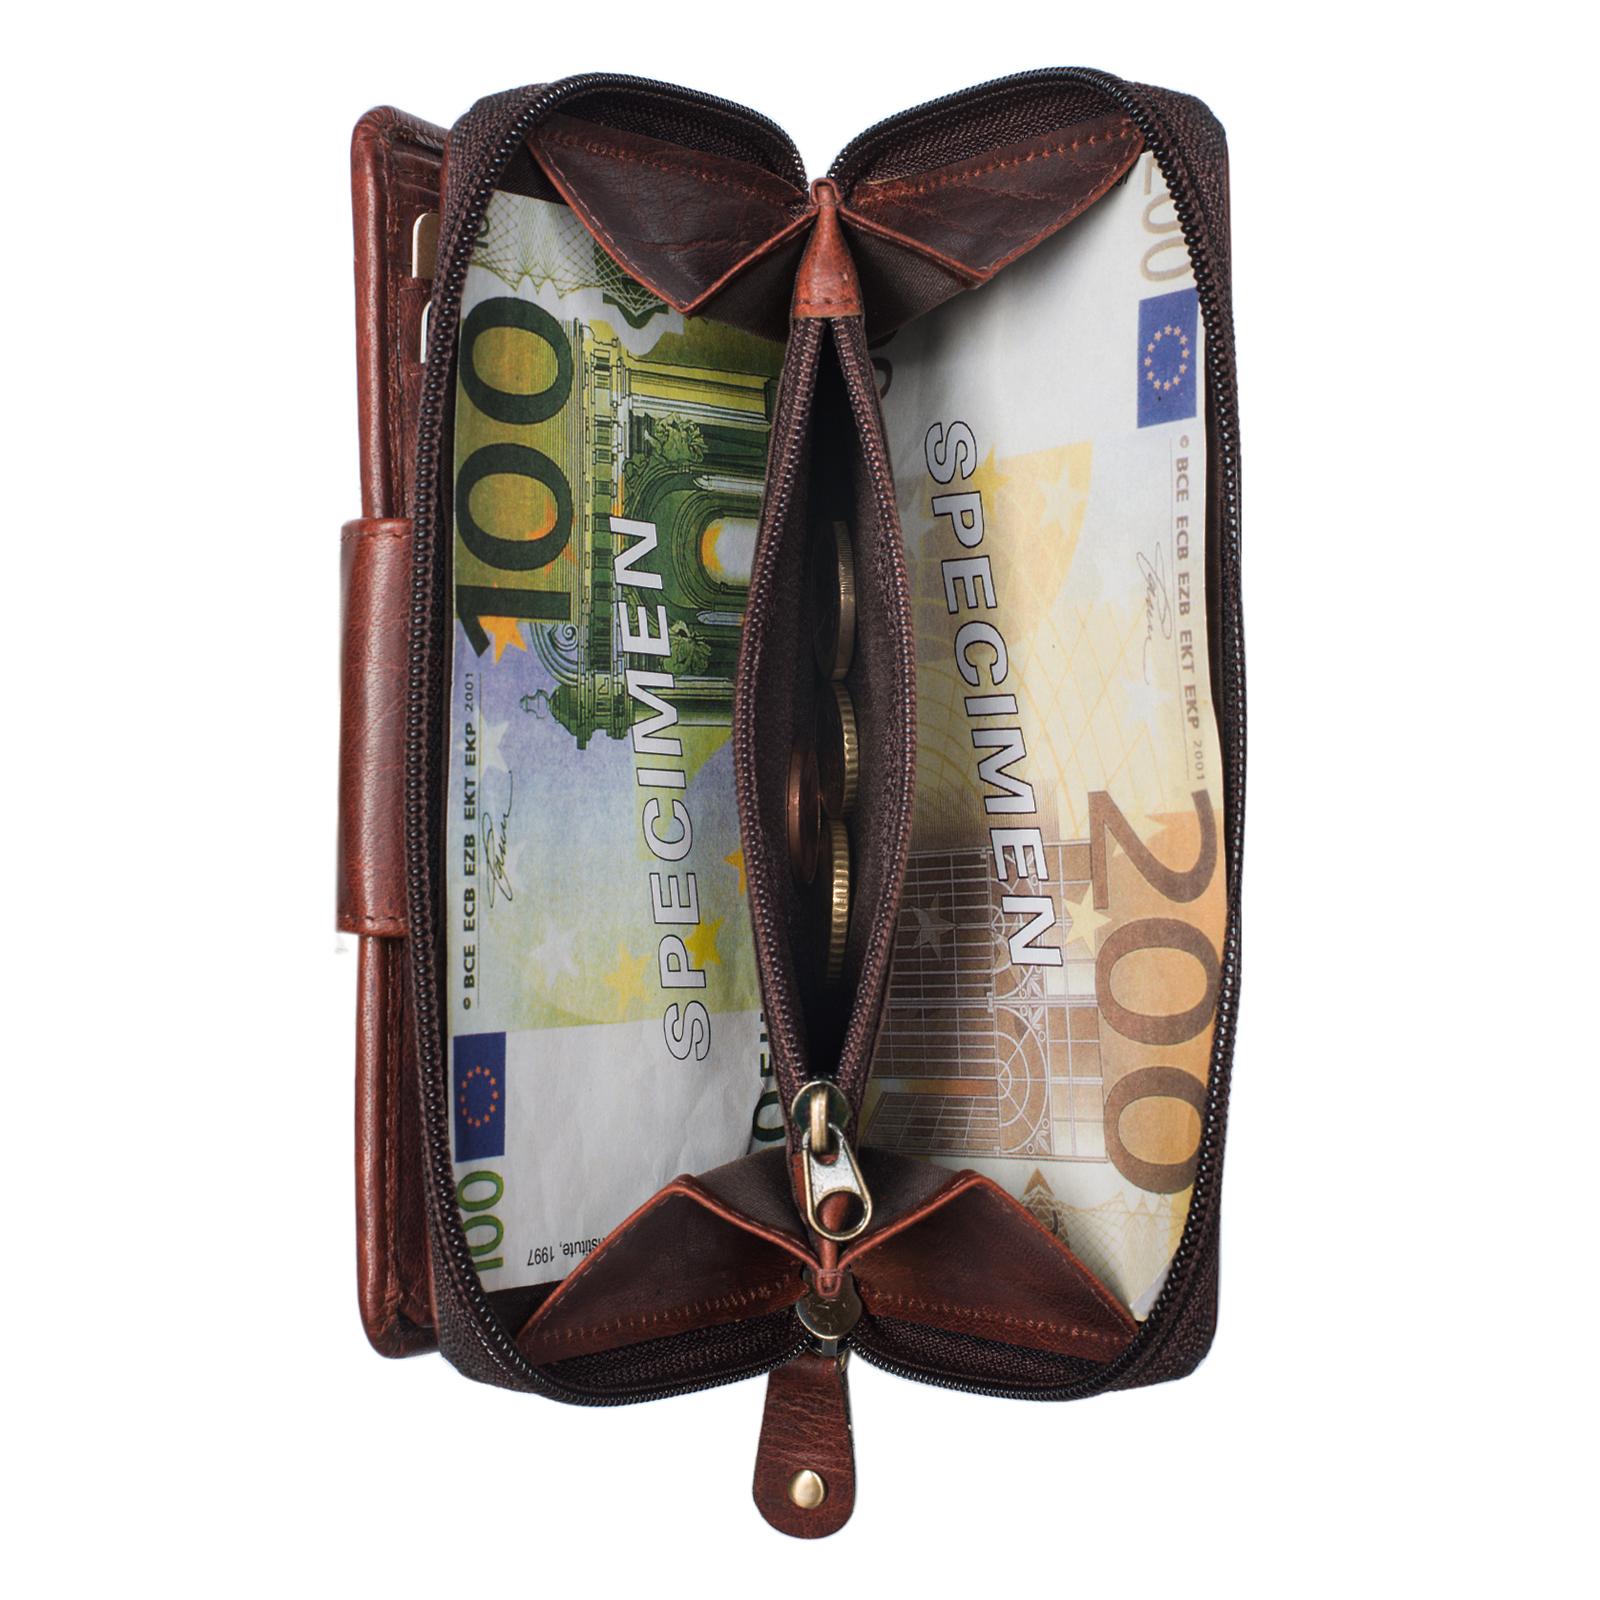 """STILORD """"Lena"""" Leder Portemonnaie Frauen Reißverschluss Vintage Geldbörse Echtleder große Brieftasche im Querformat mit vielen Fächern für Ausweis EC-Karten Bargeld - Bild 21"""